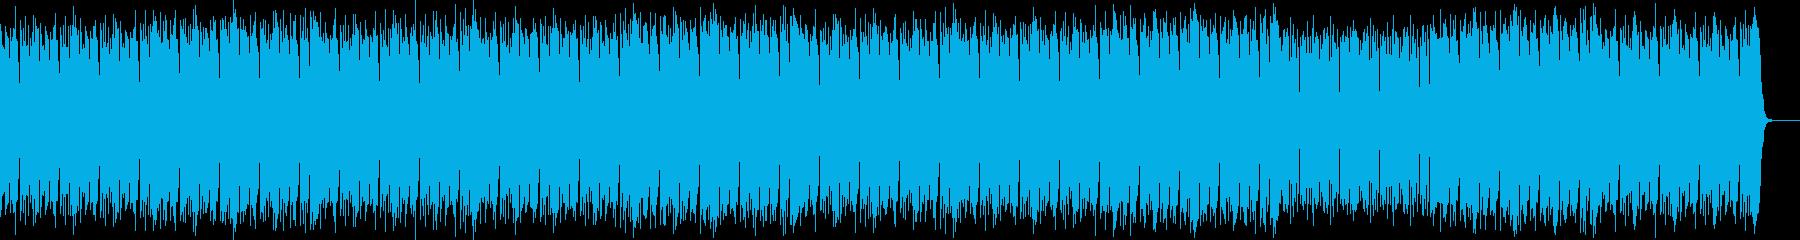 クールな疾走感があるヒップホップビートの再生済みの波形